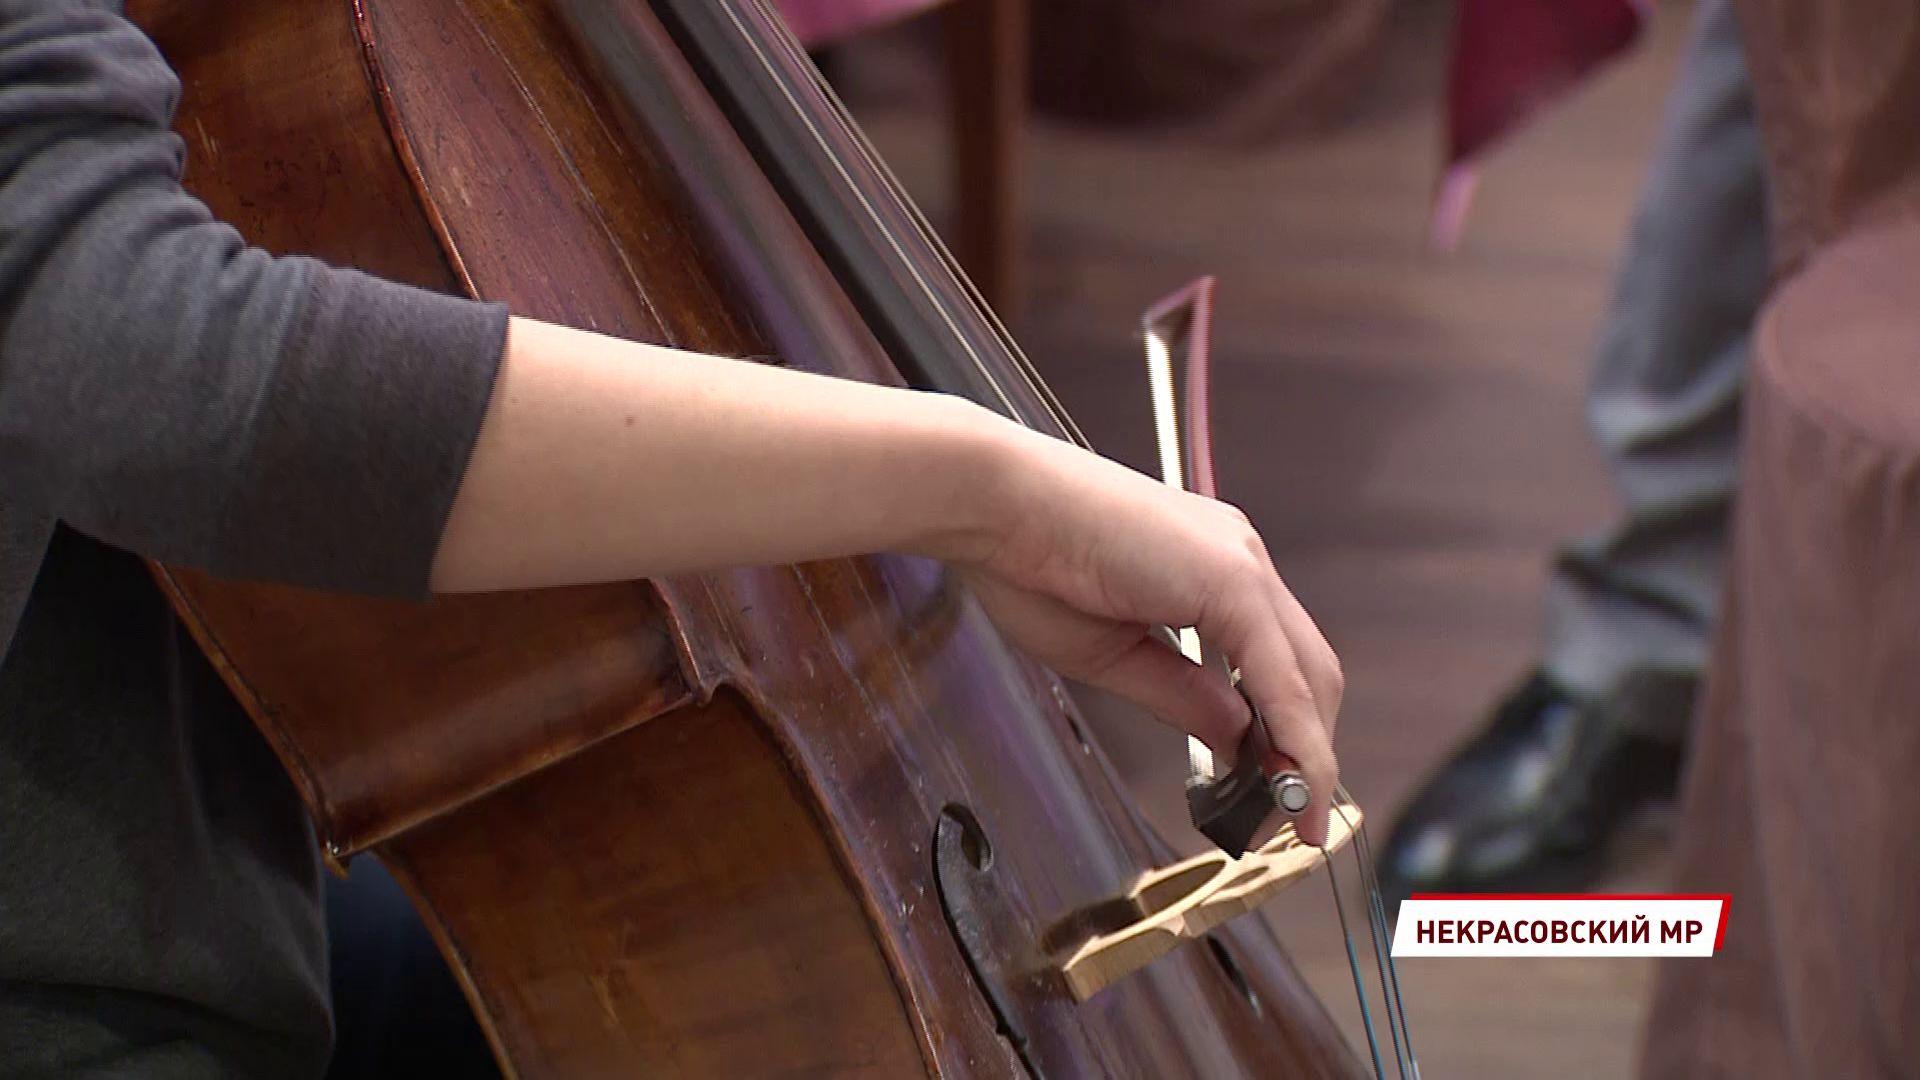 В Вятском проходит IV Международный музыкальный конкурс со звездными жюри